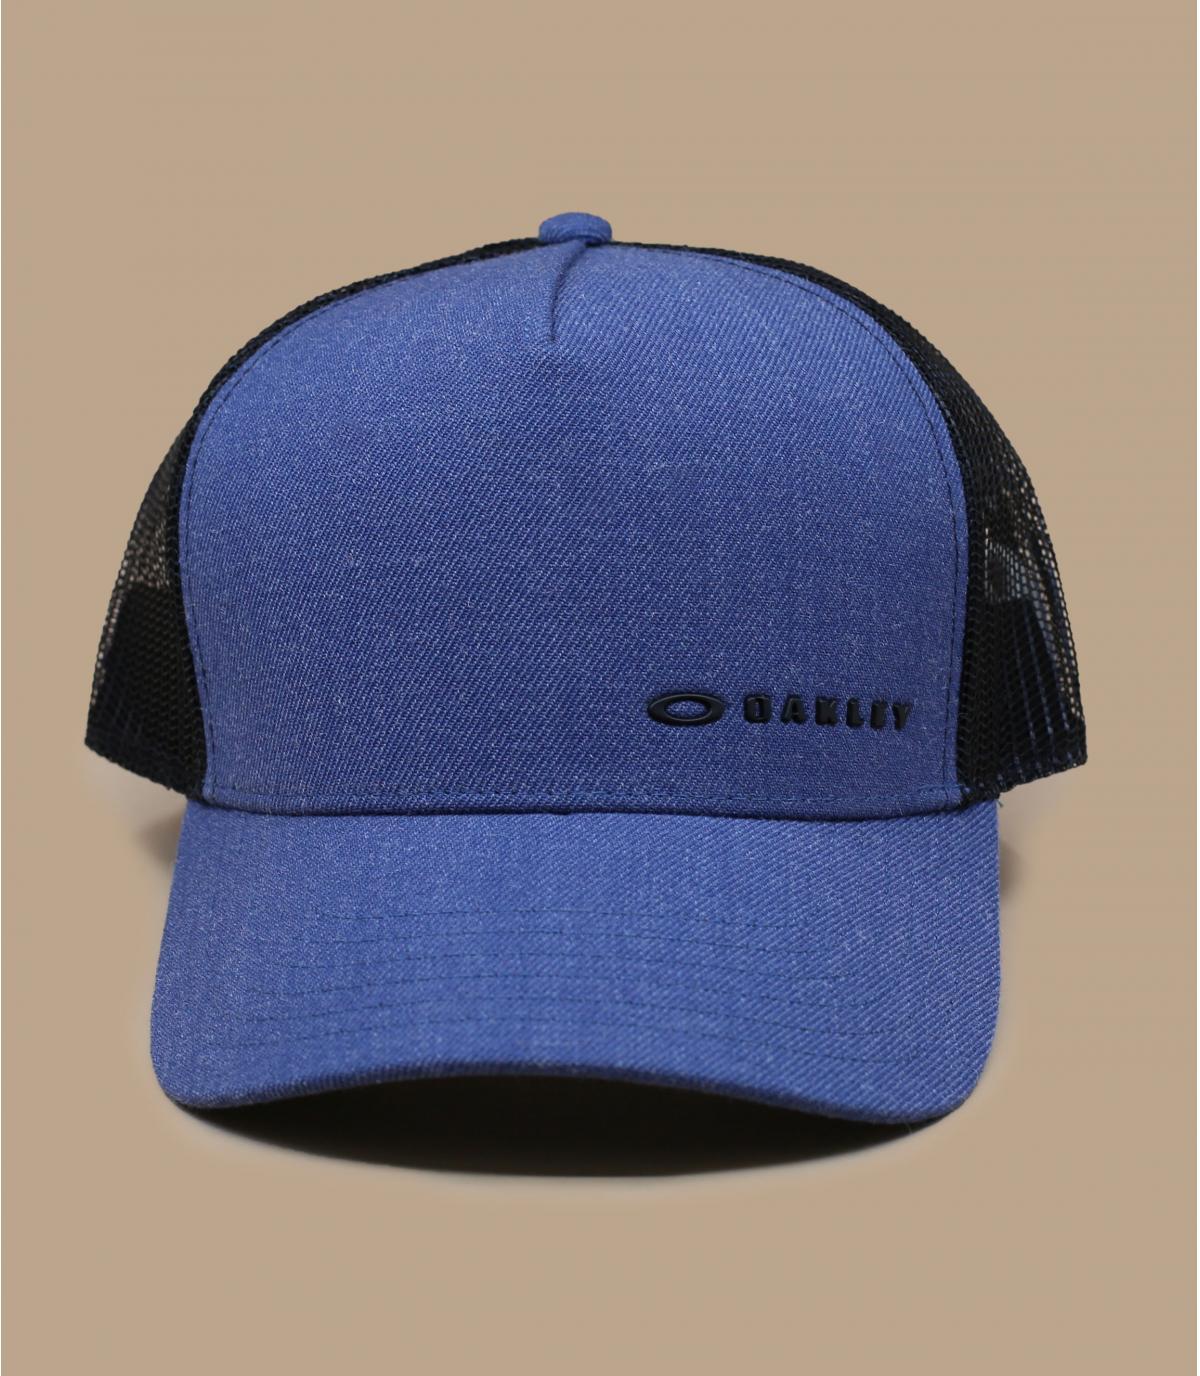 Detalles Chalten Trucker blue indigo imagen 2